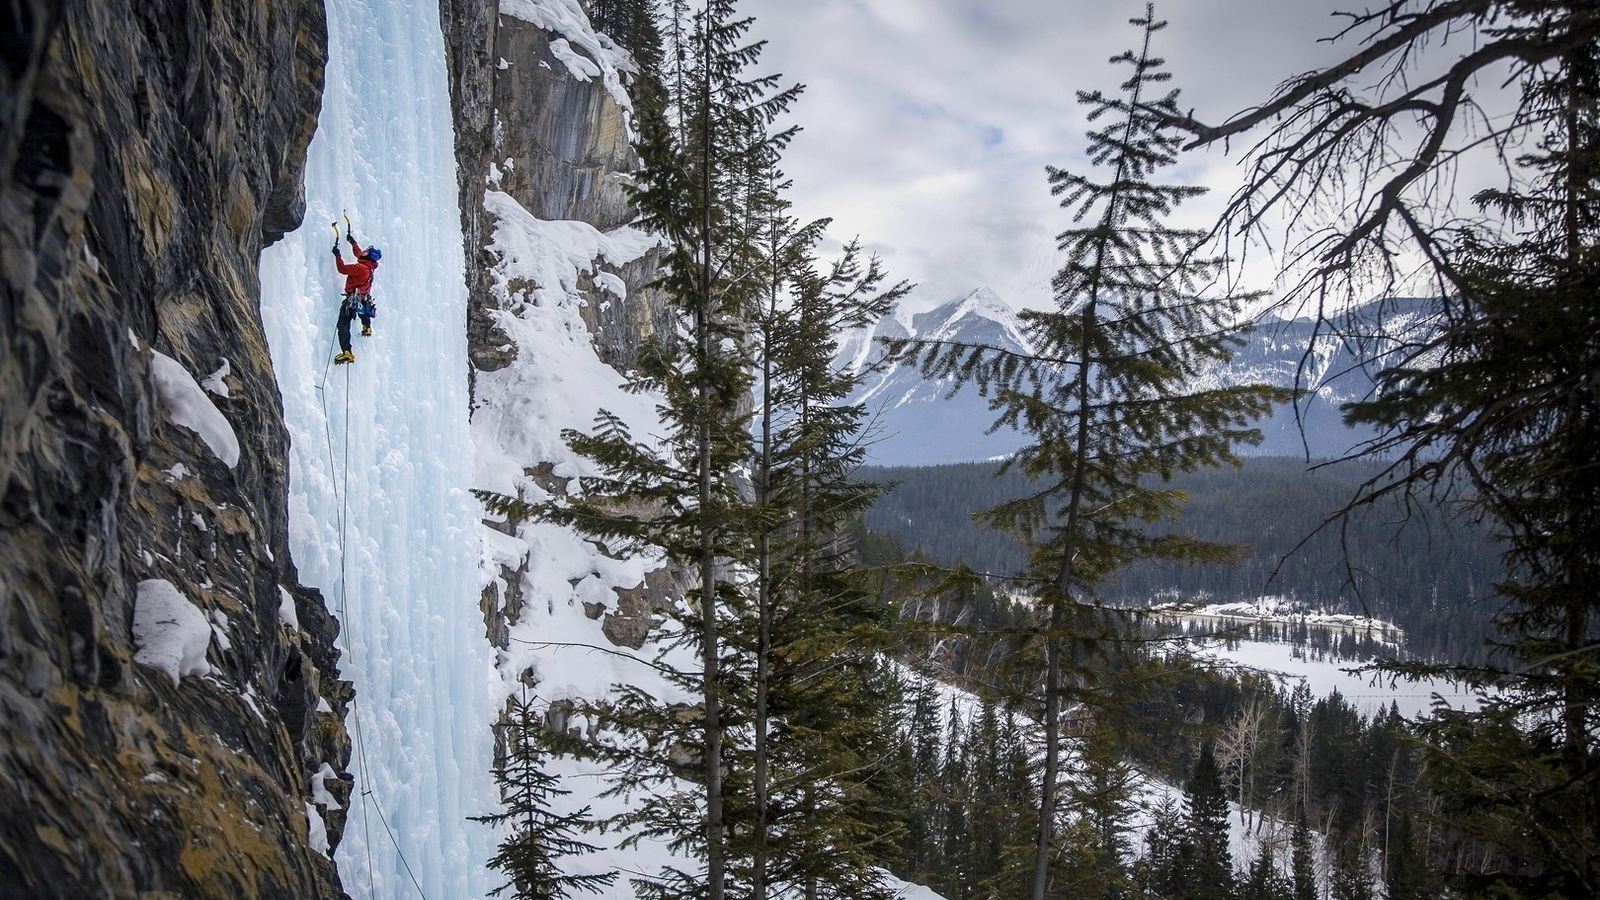 Vivez des sensations fortes en escaladant des cascades gelées en Alberta. Cette activité est idéale pour ...